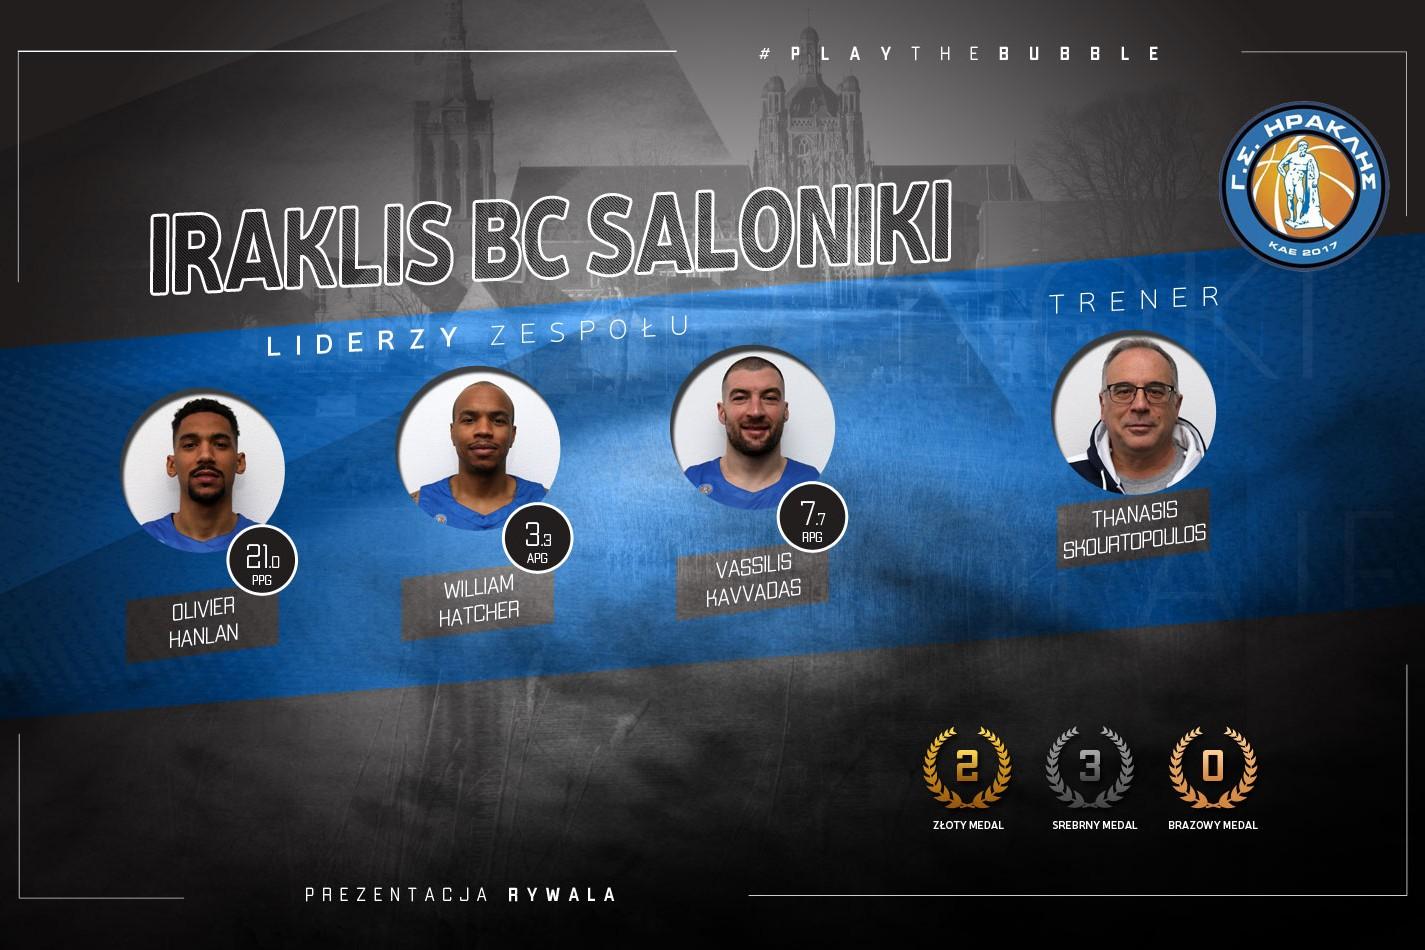 Grecka przeszkoda w 1/8 finału FIBA Europe Cup